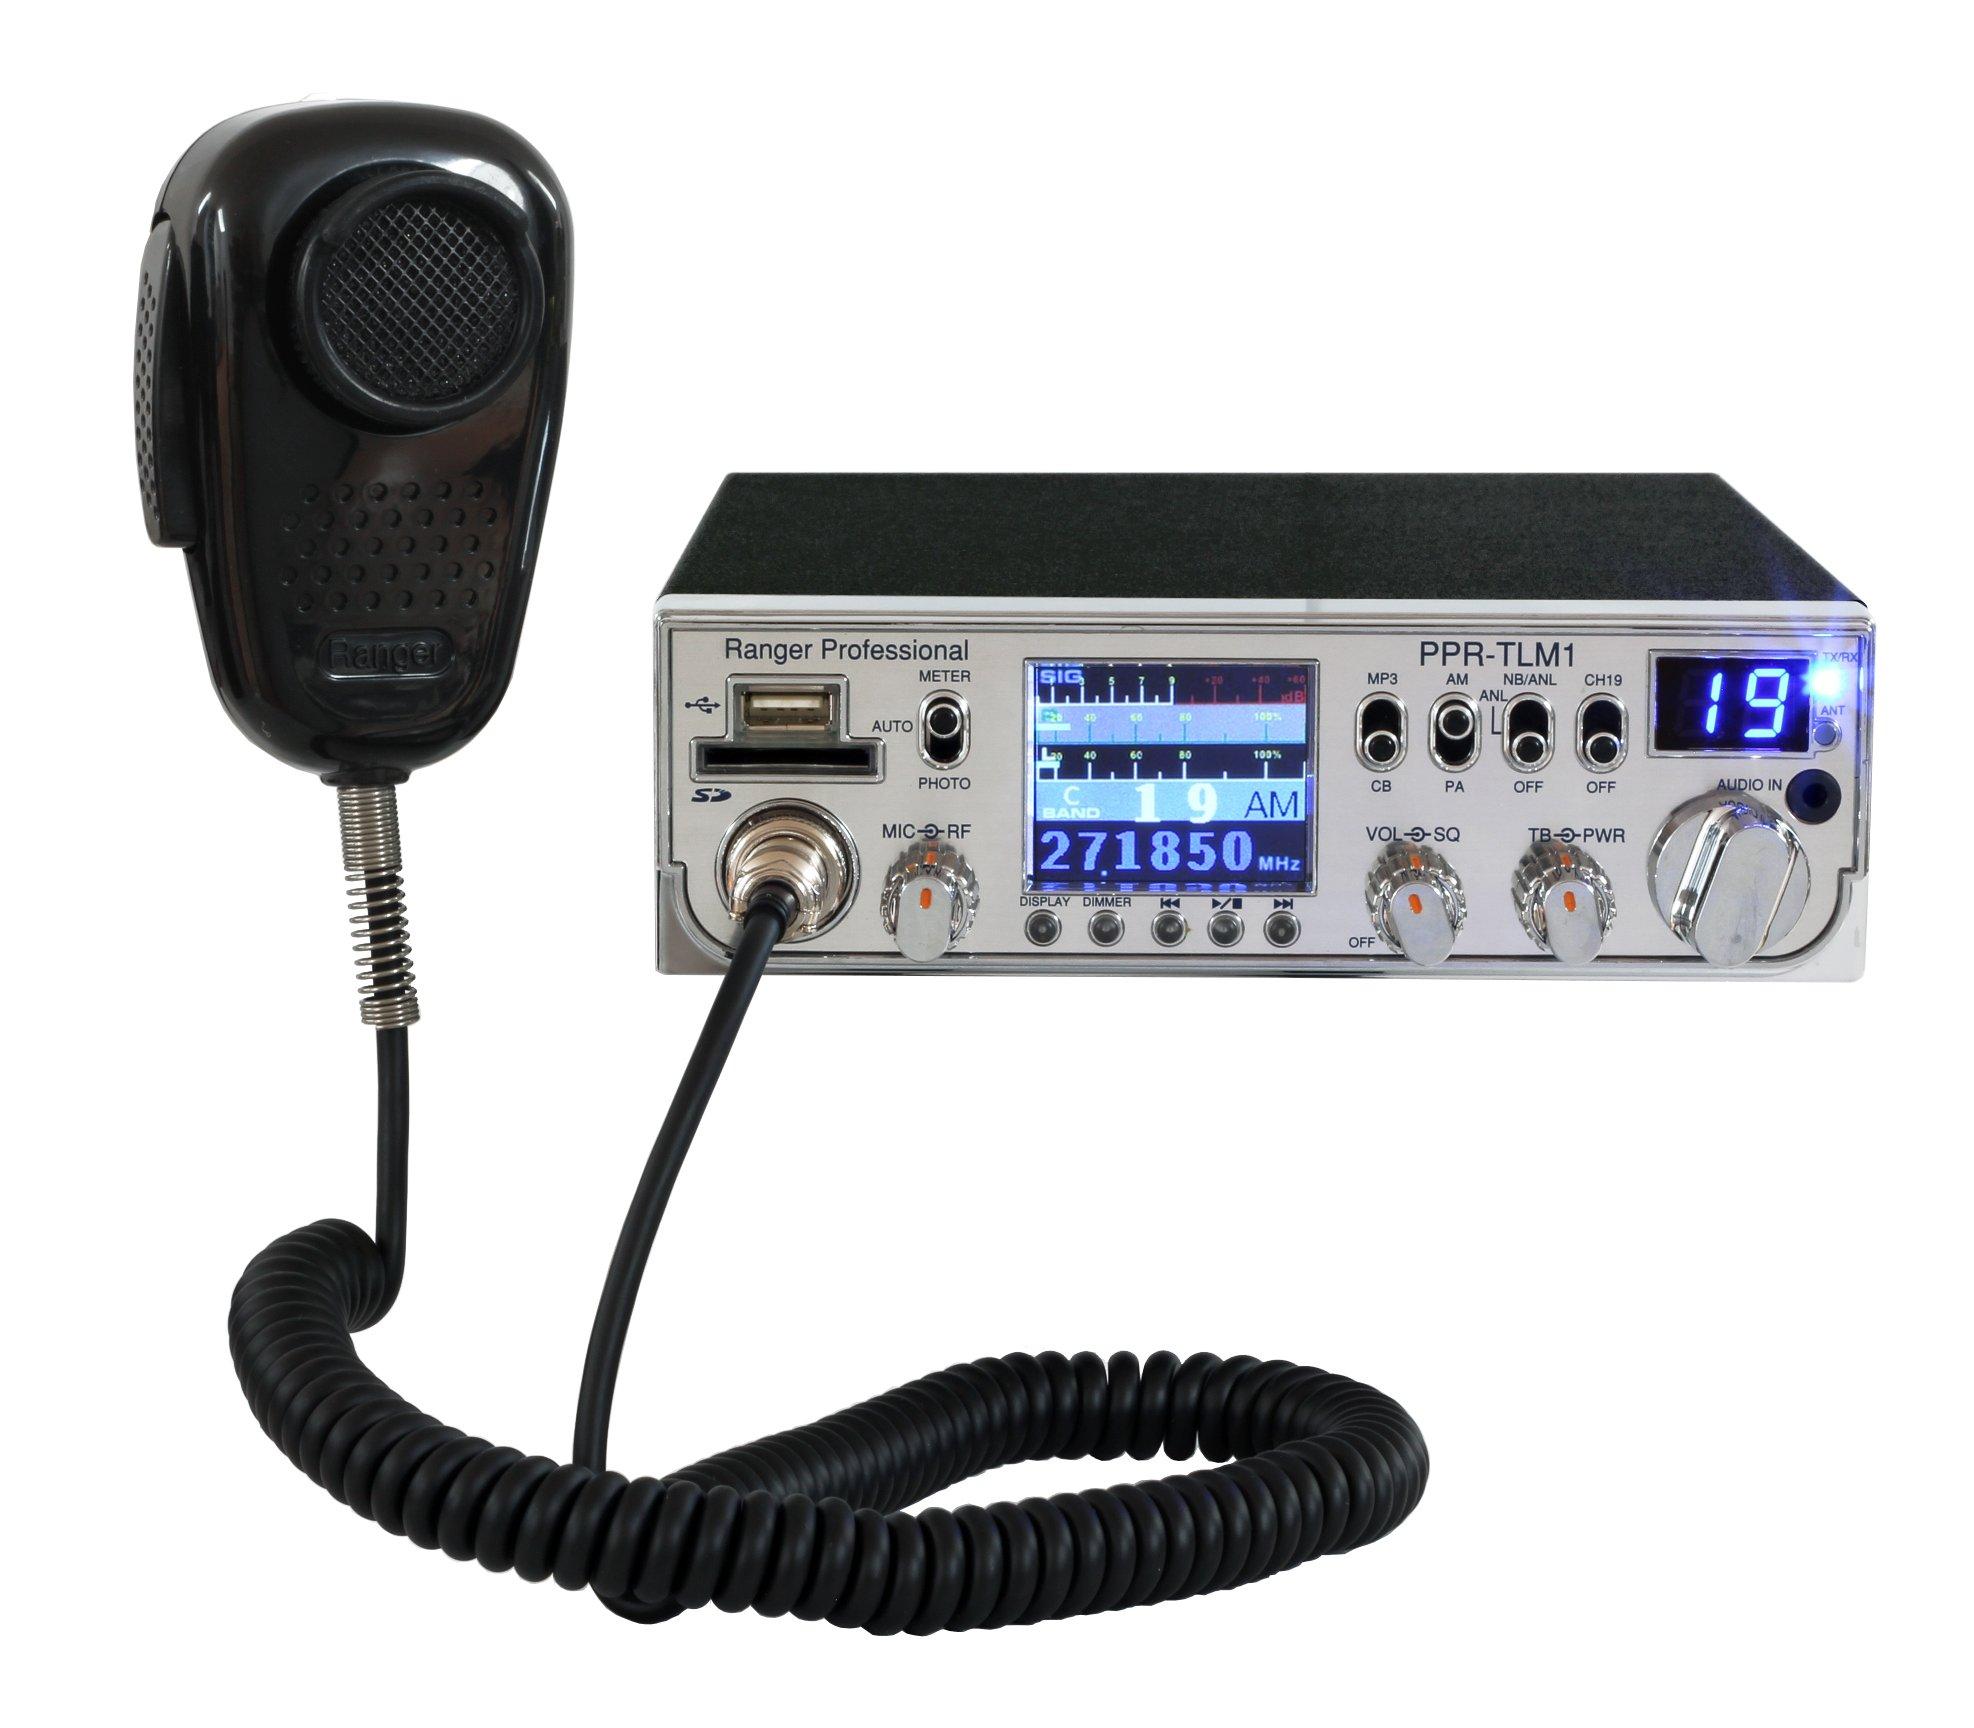 WRG-9423] Motorola Radio Mic Wiring on